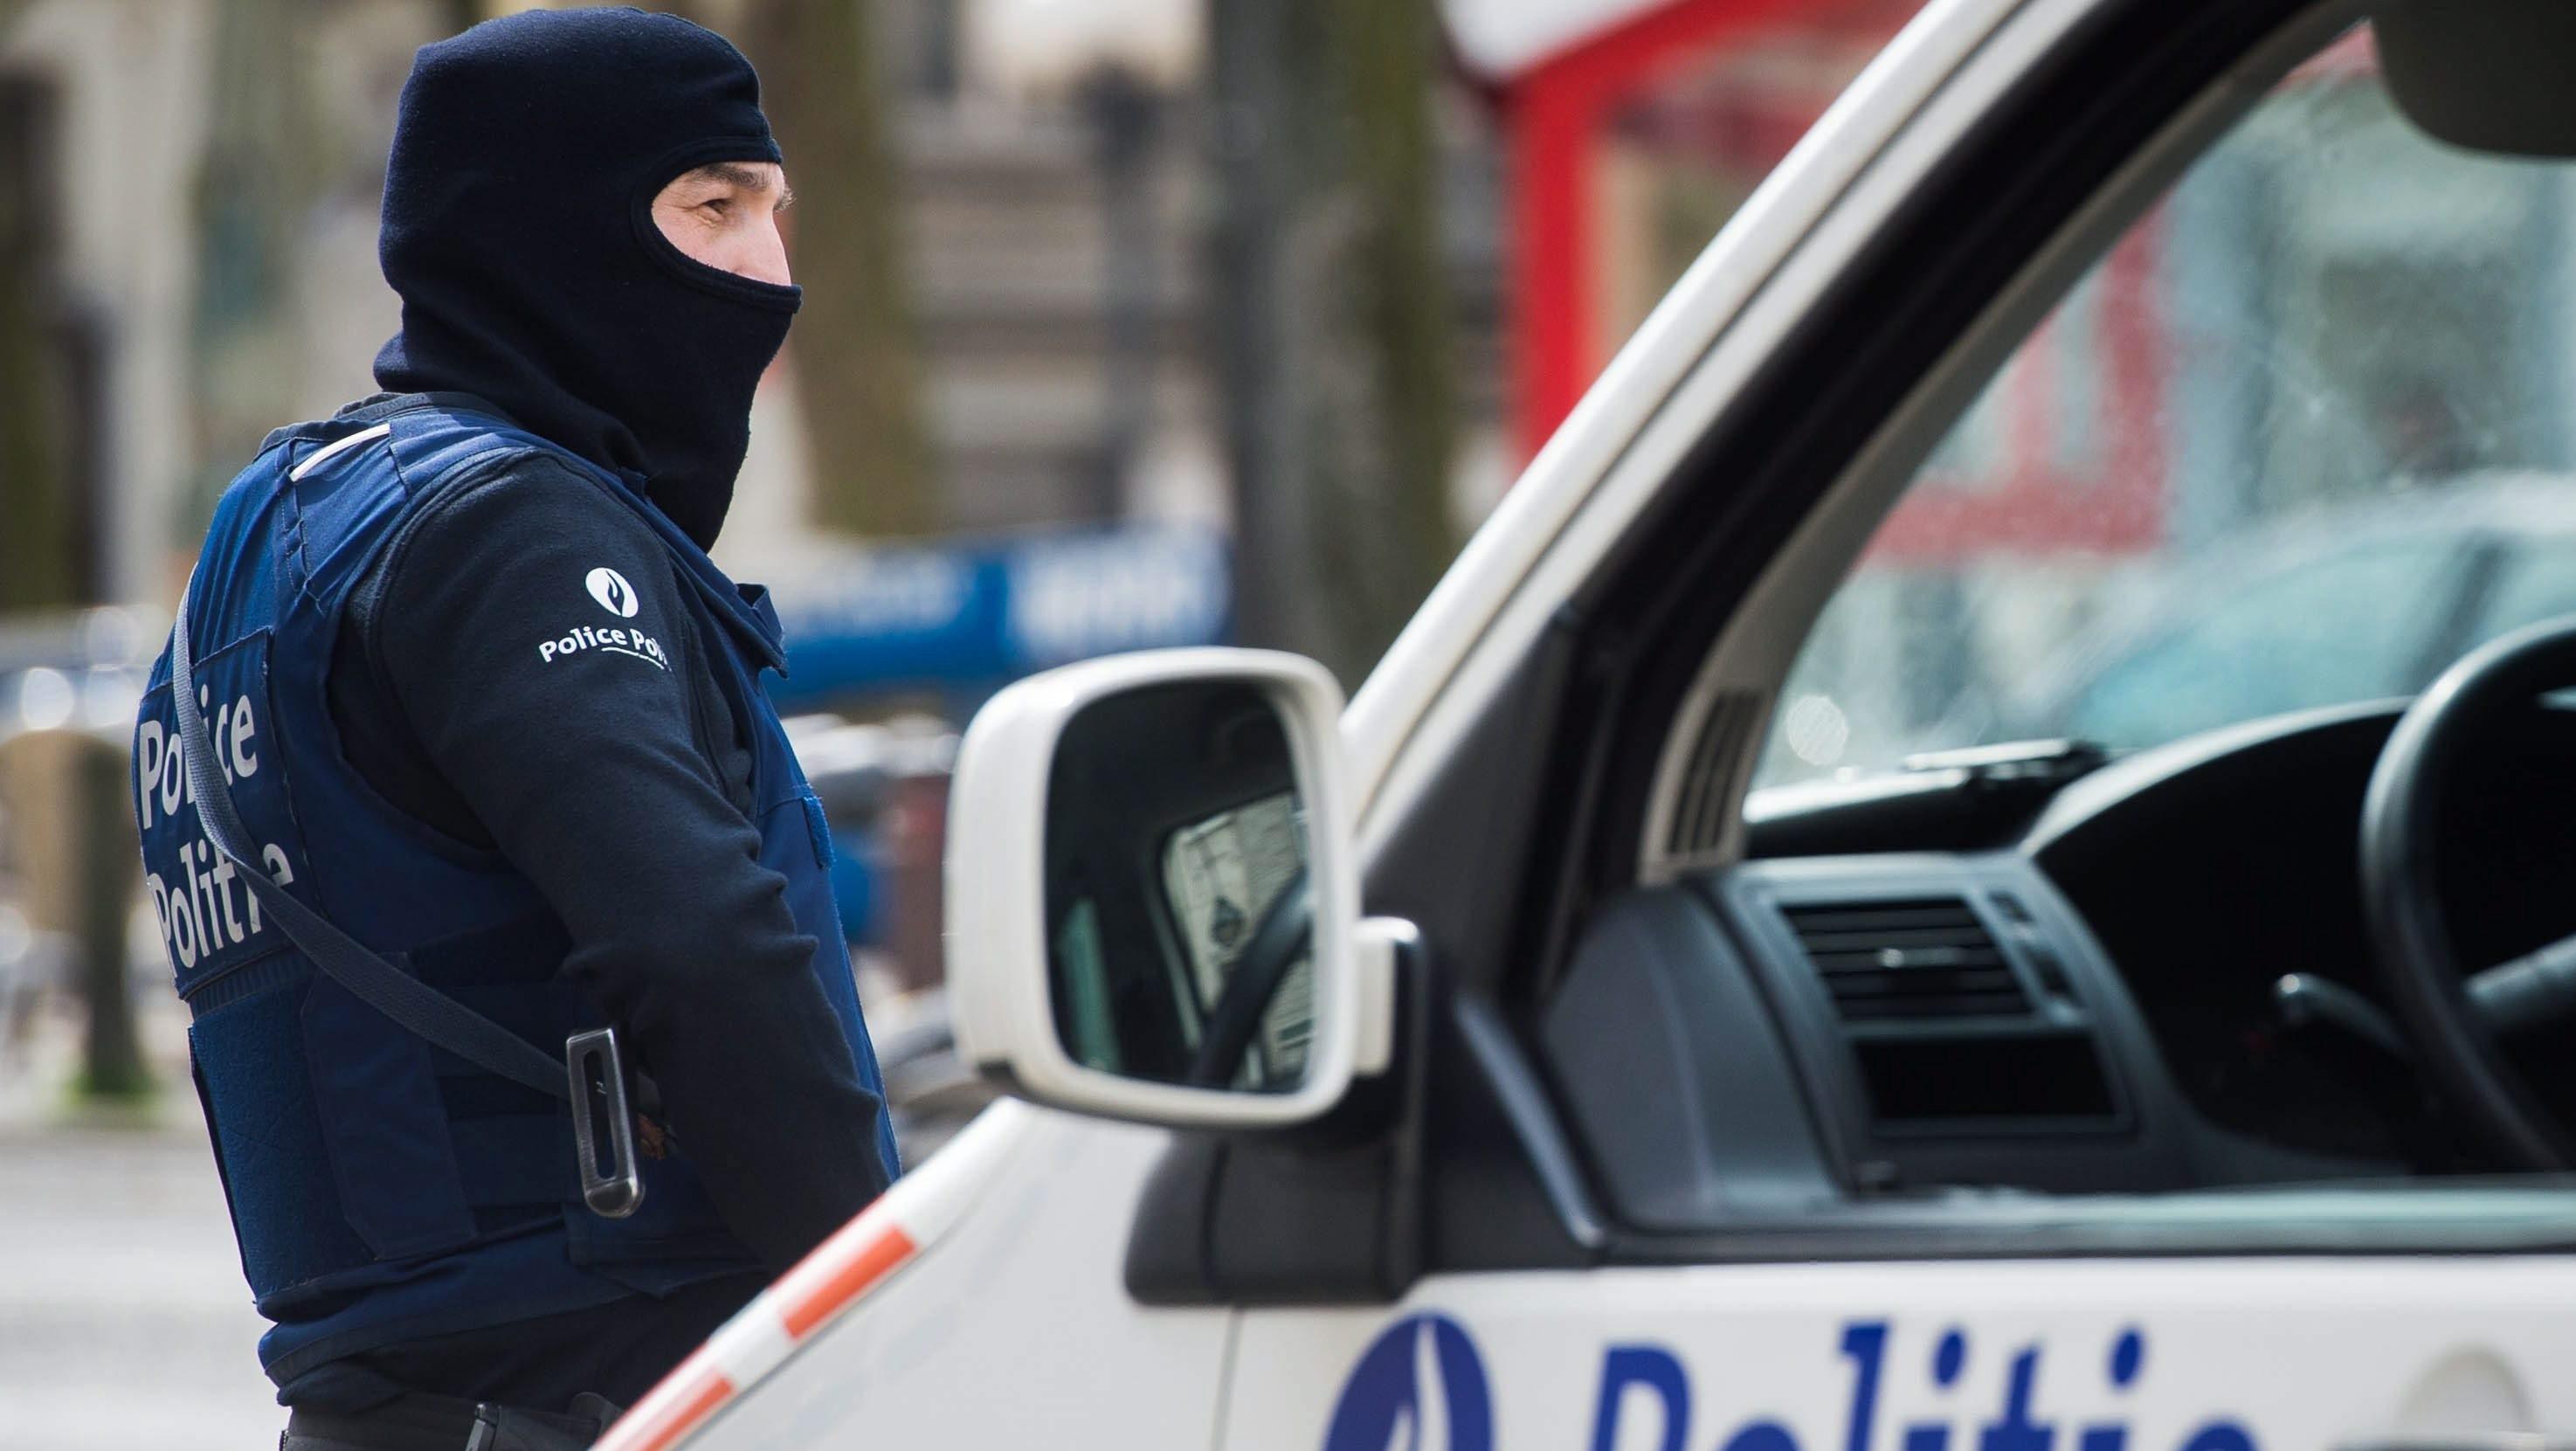 Brüsszel, 2016. április 9. Belga rendõrök járõröznek a brüsszeli Etterbeek negyedben a belga fõvárosban március 22-én elkövetett merényletekkel összefüggésben 2016. április 9-én. A Zaventem nemzetközi repülõtéren és Maelbeek metróállomásán végrehajtott, legkevesebb harmincnégy áldozattal és több mint kétszáz sebesülttel járó robbantásos merényleteket feltehetõleg az Iszlám Állam dzsihadista szervezet terroristái követték el. (MTI/EPA/Stephanie Lecocq)